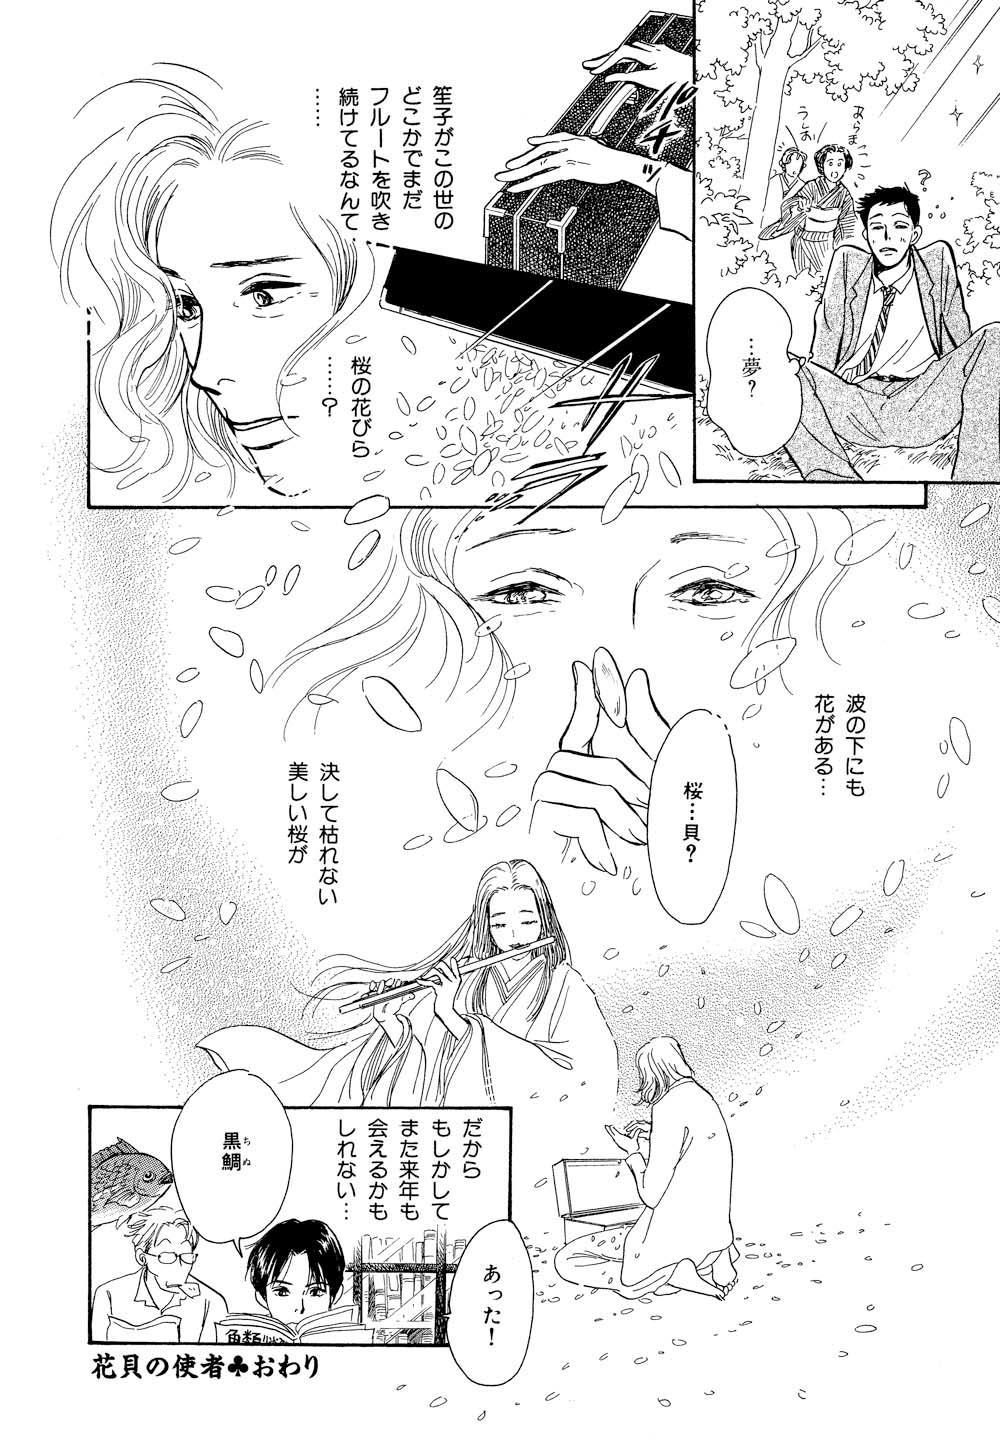 百鬼夜行抄_09_0166.jpg